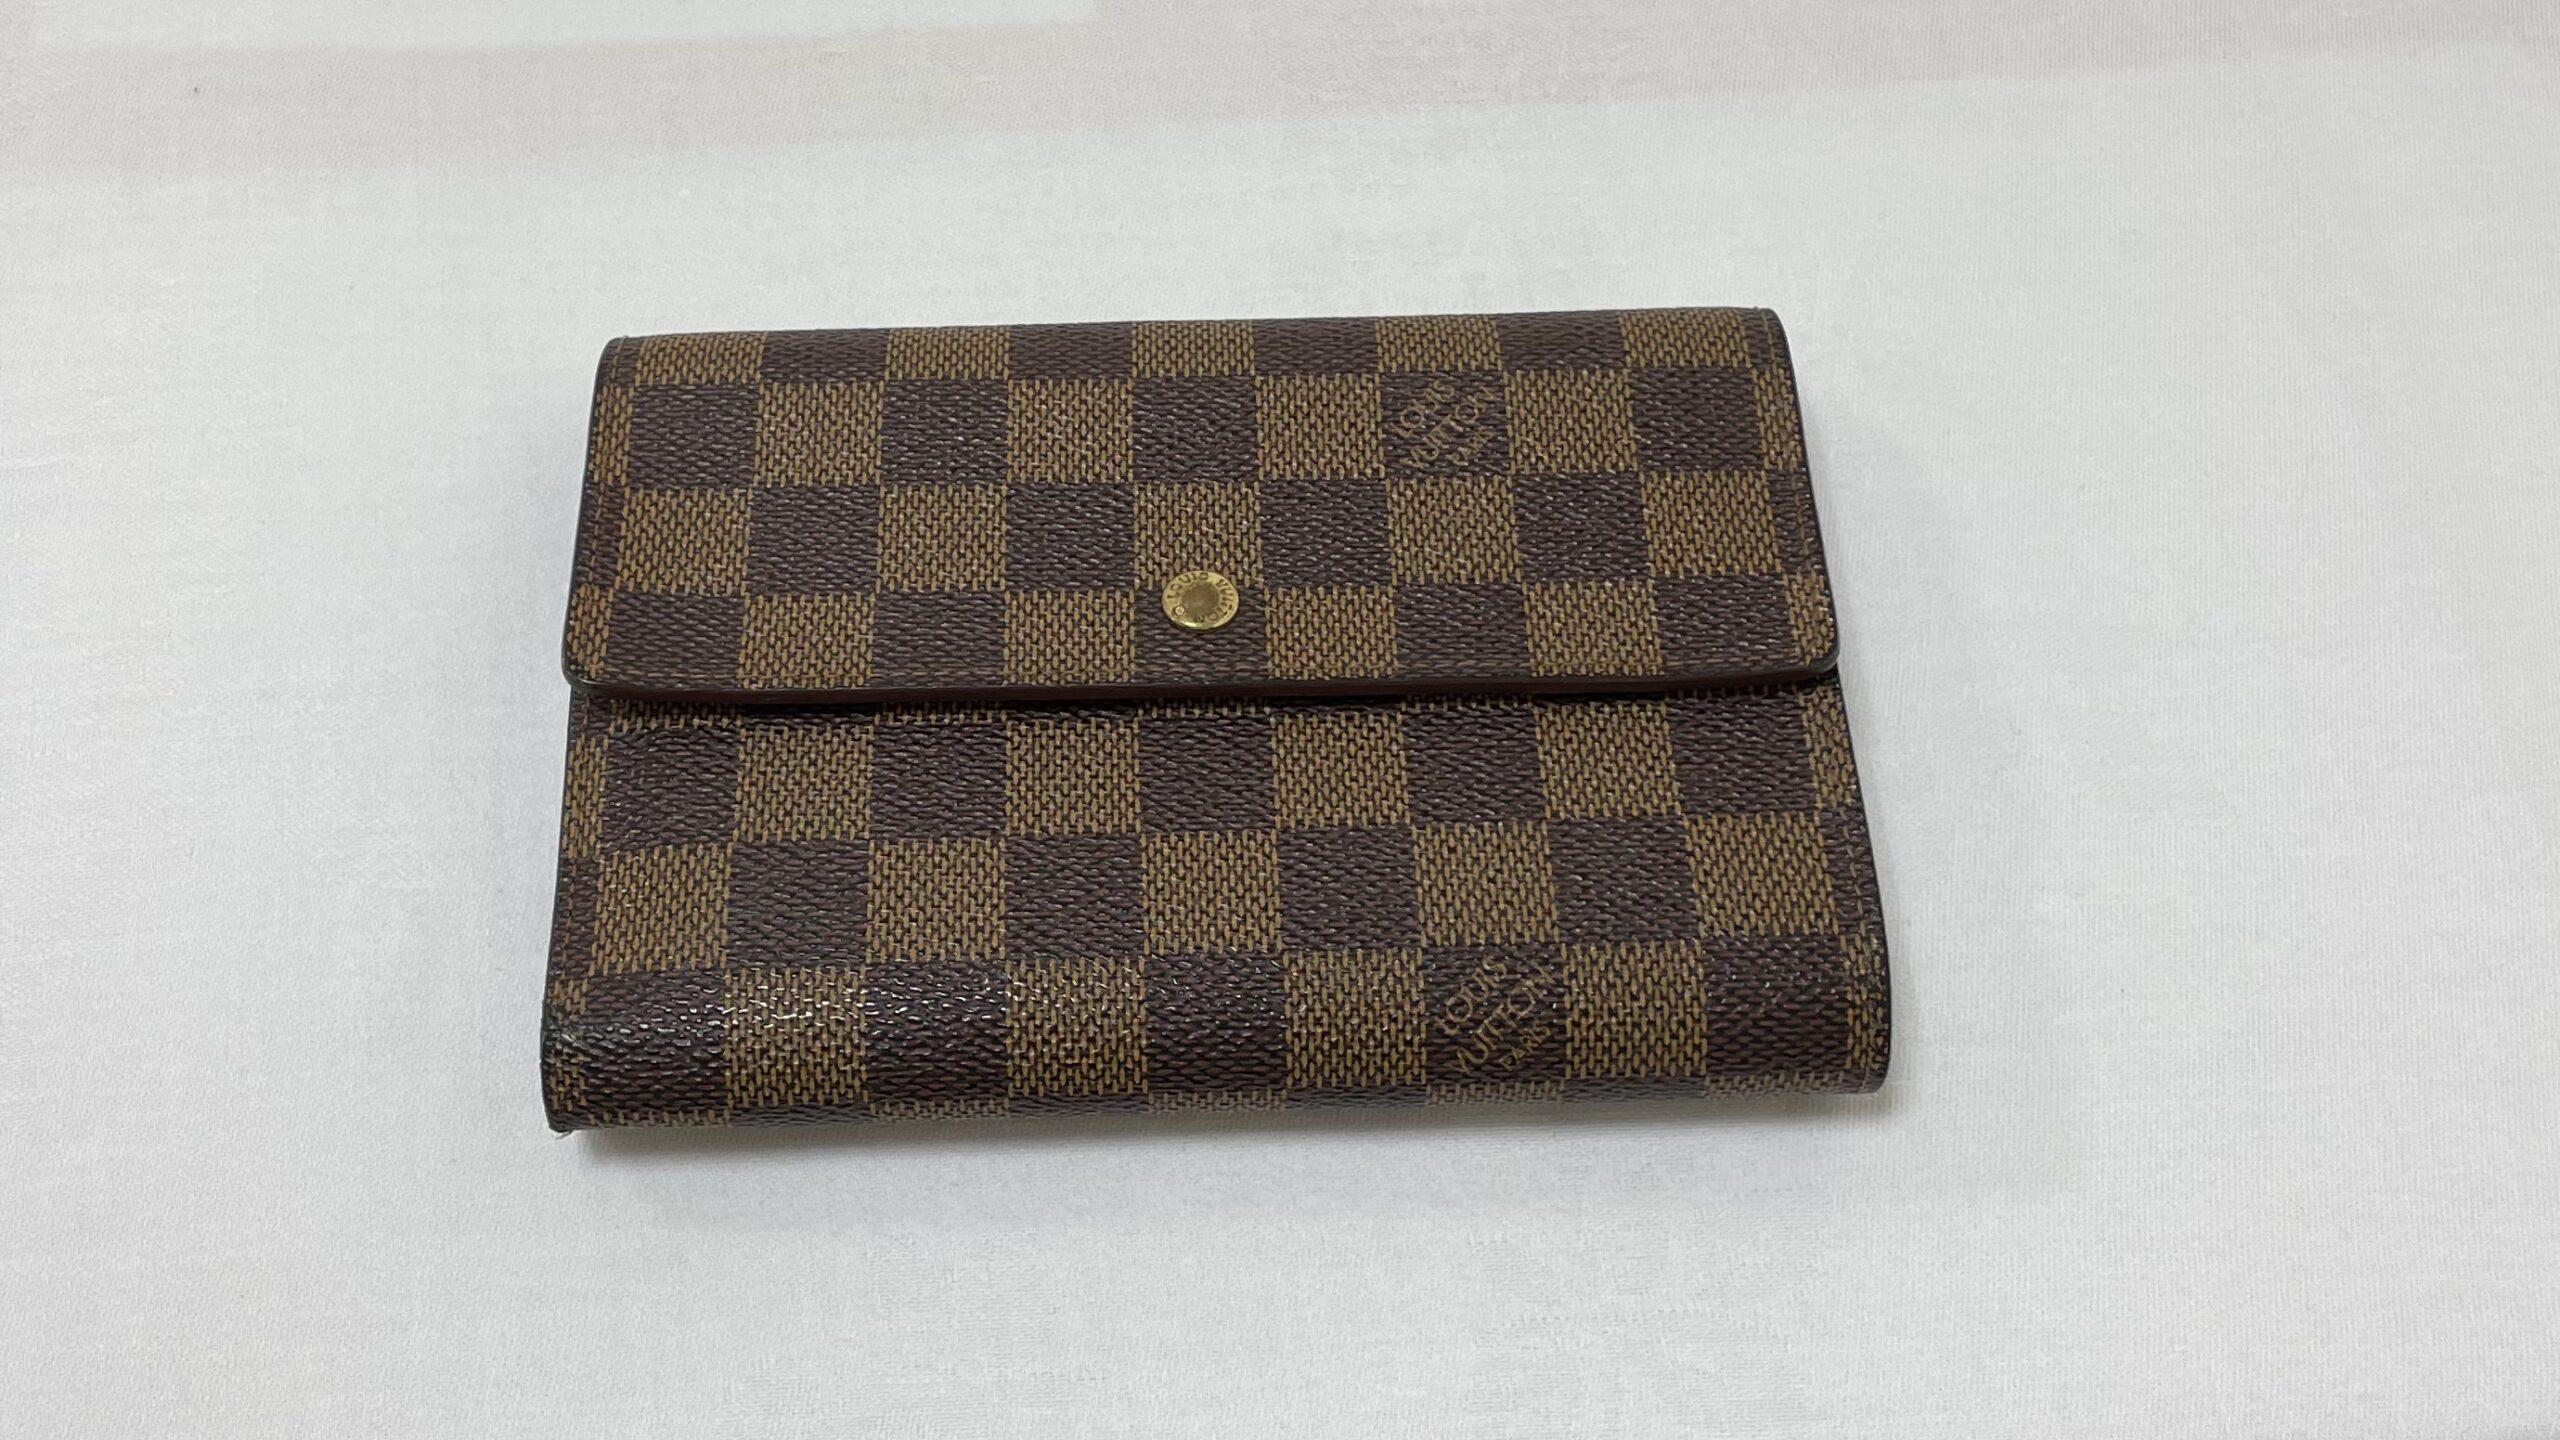 【買取速報】ブランド財布、LOUIS VUITTON-2021-02-12